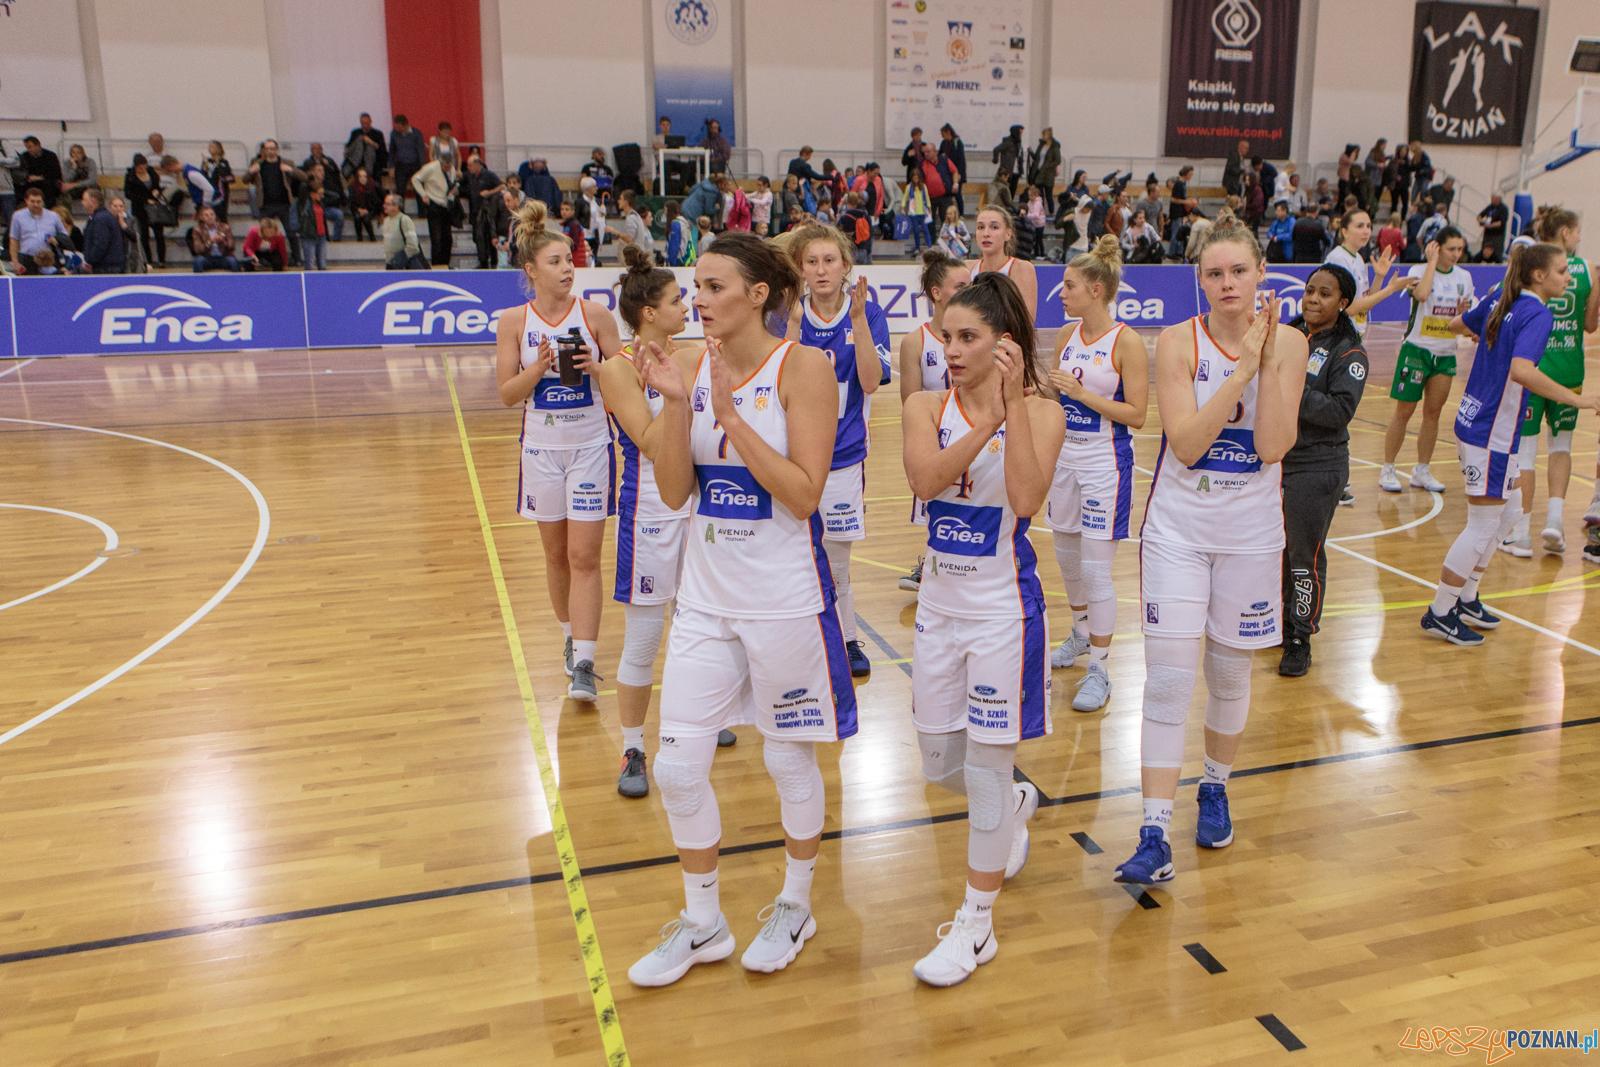 Ekstraklasa: Enea AZS Poznań - Pszczółka Polski-Cukier 54:77  Foto: LepszyPOZNAN.pl / Paweł Rychter